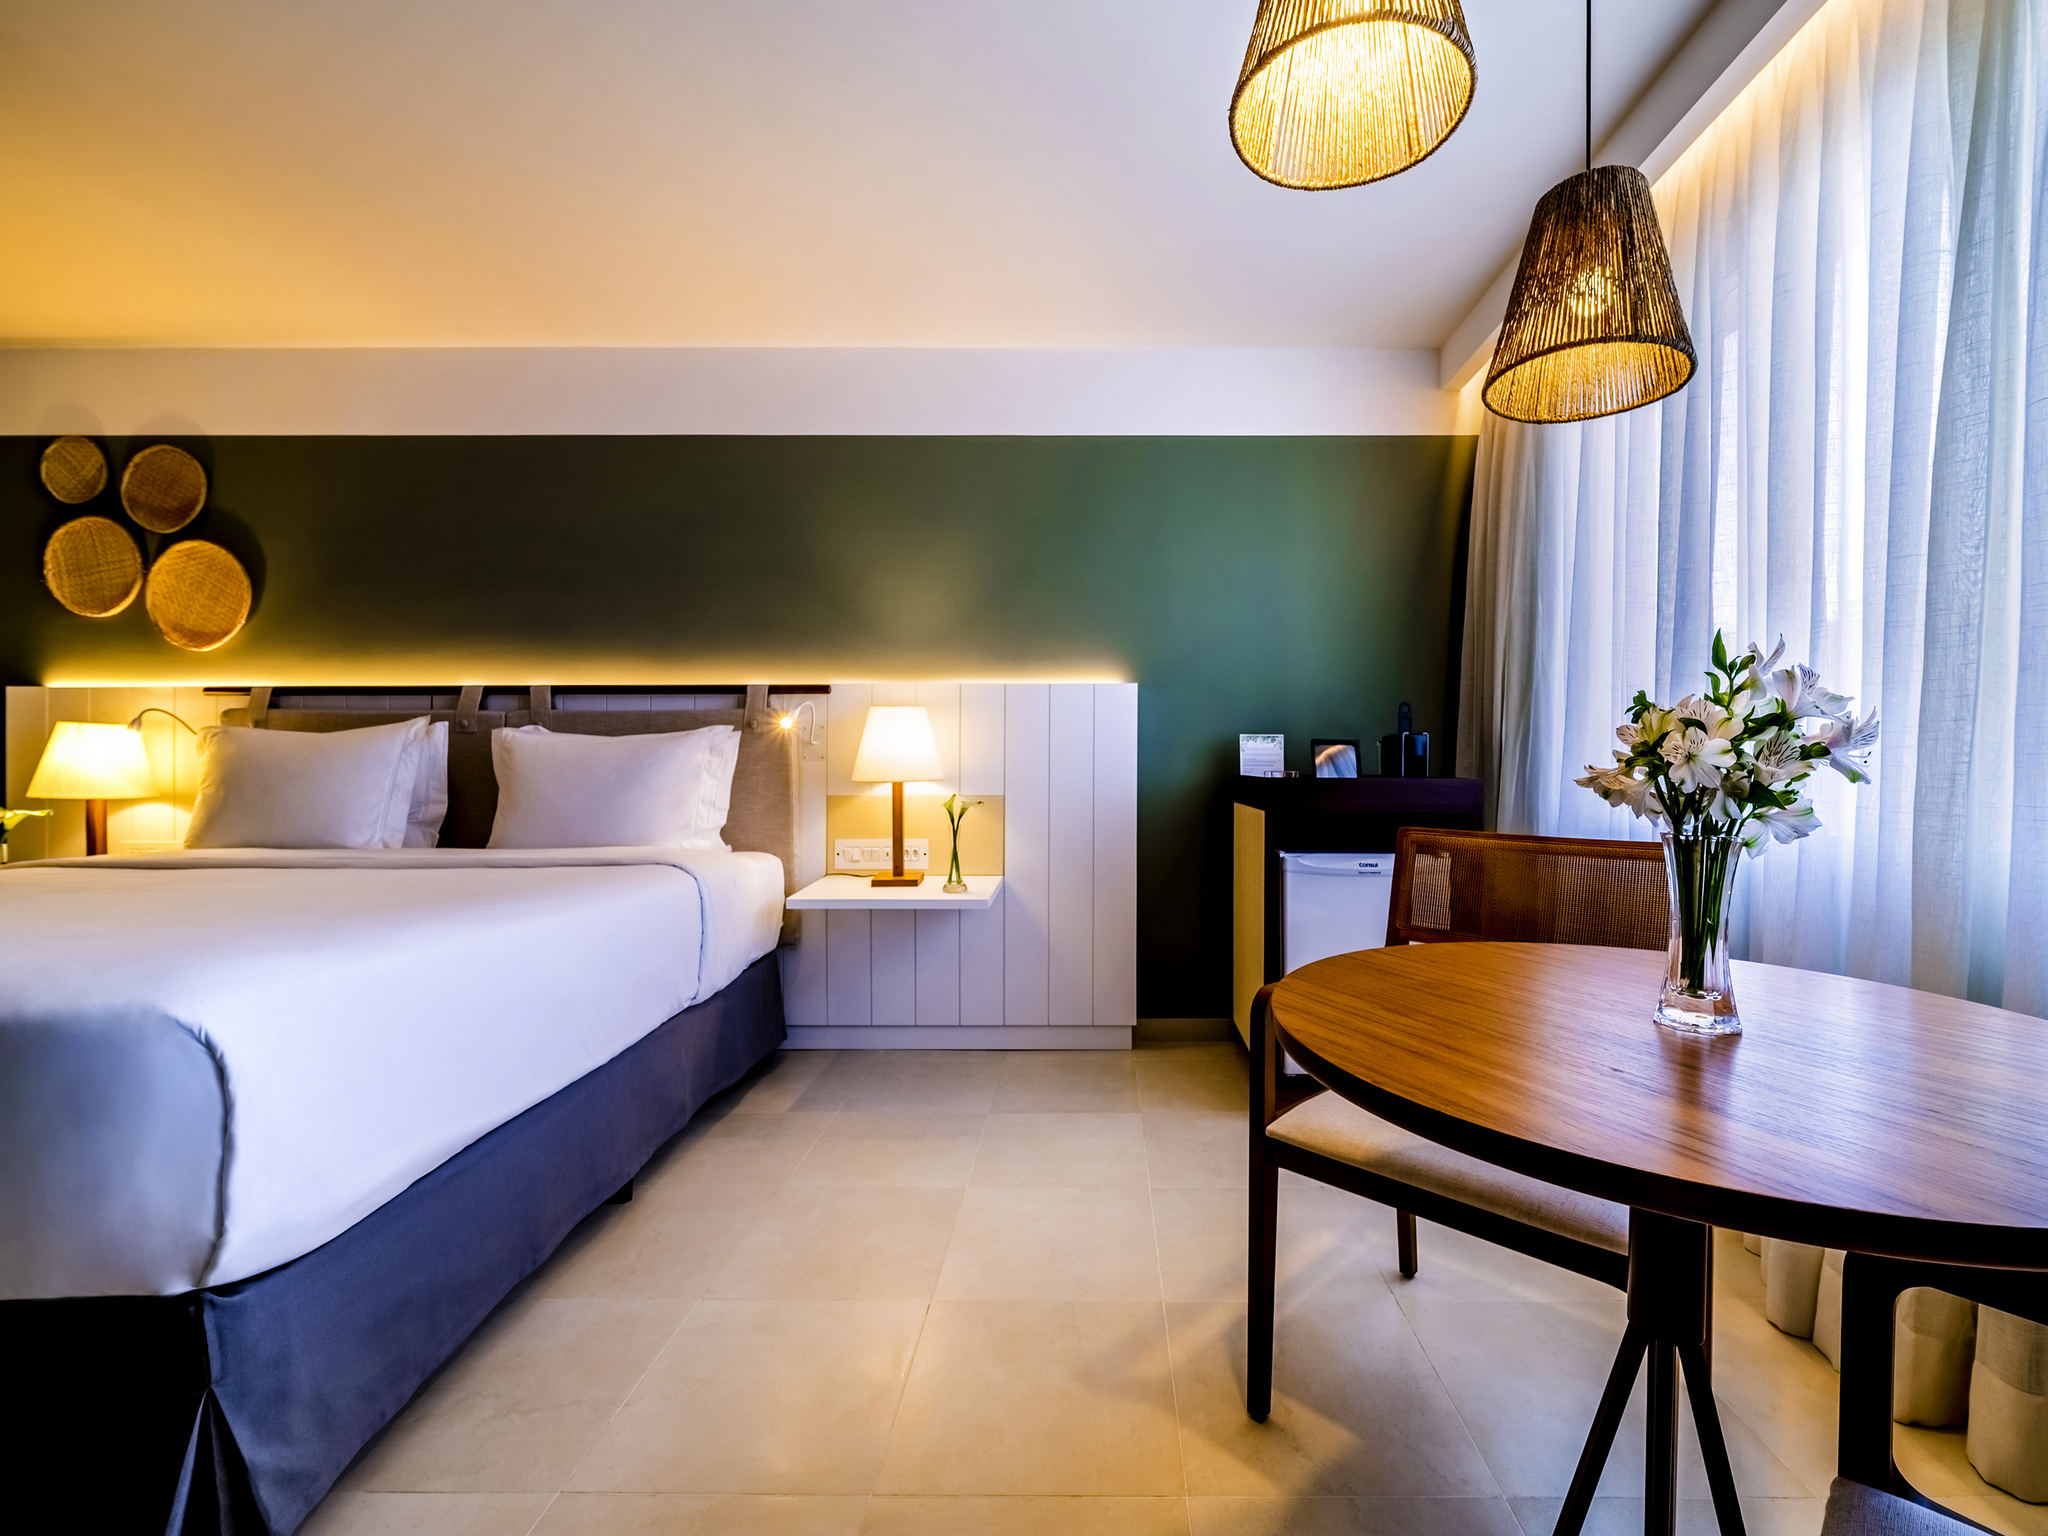 酒店 – 里约热内卢科帕卡巴纳美爵酒店